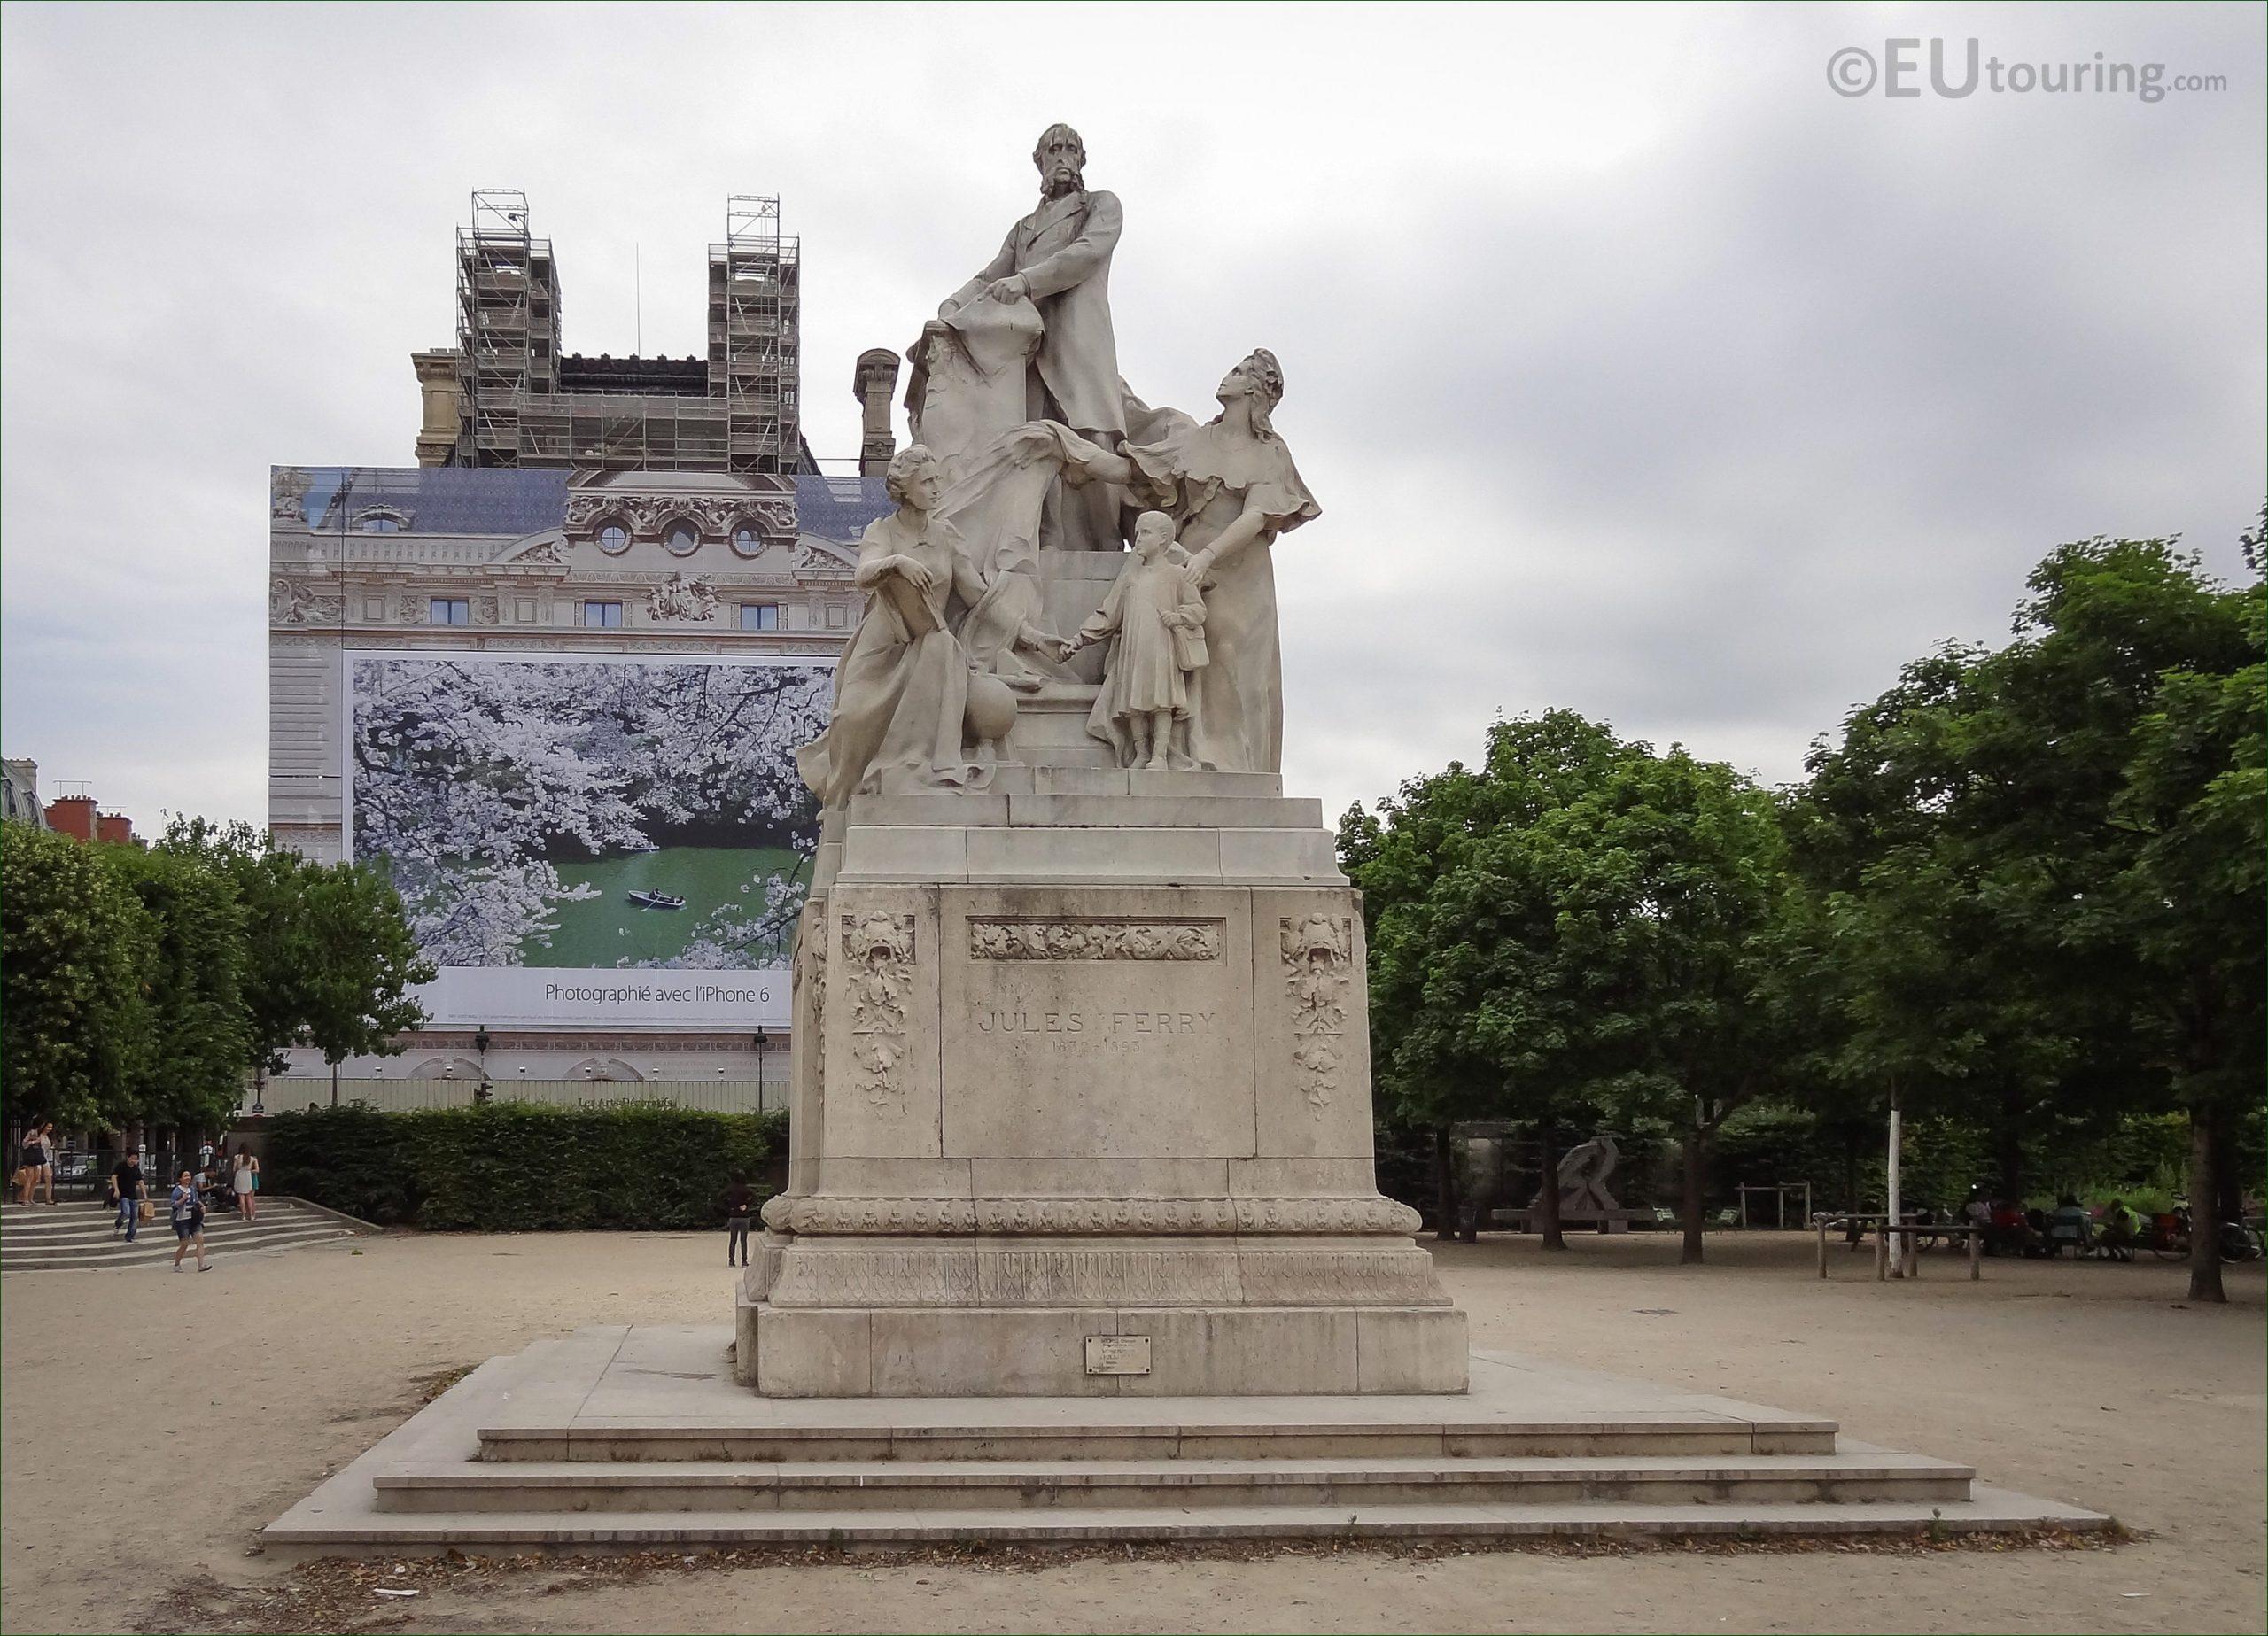 Photos Of Jules Ferry Monument In Jardin Des Tuileries ... destiné Statue De Jardin D Occasion